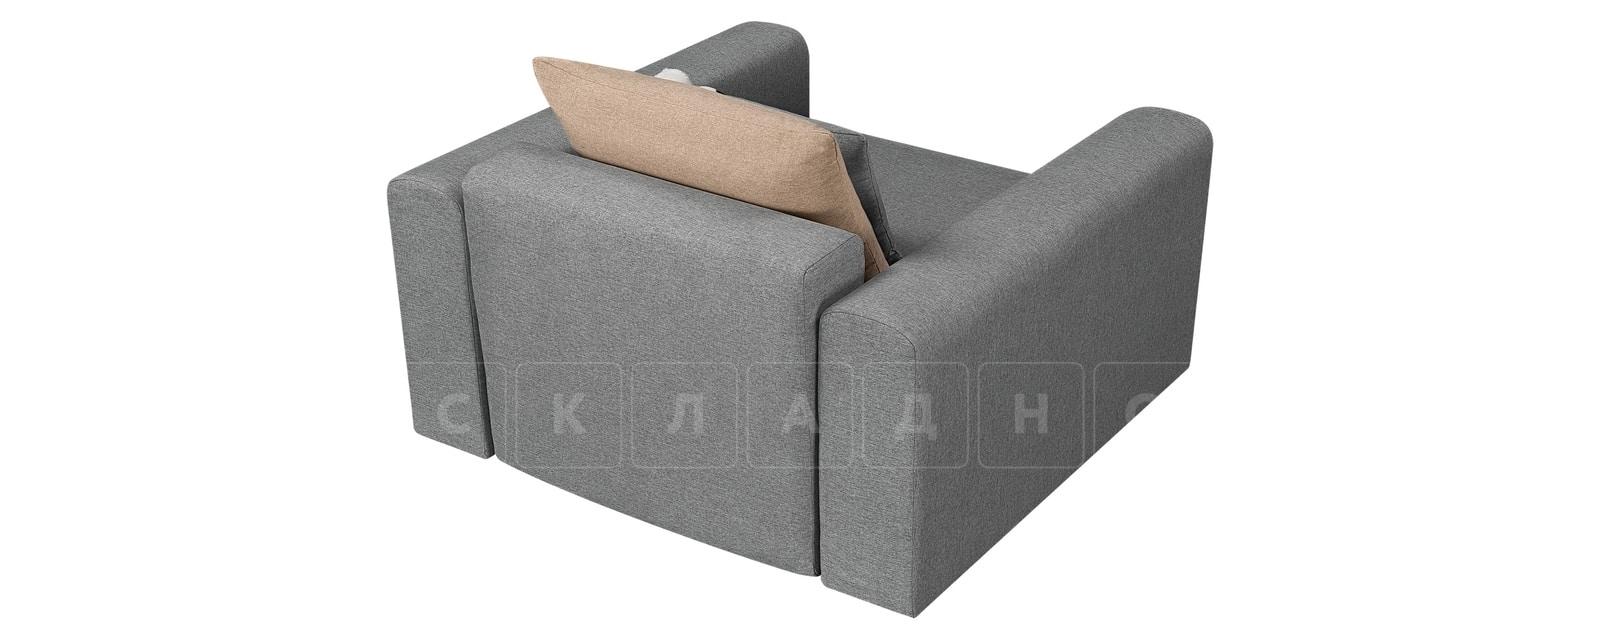 Кресло Медисон 80 см серого цвета фото 4 | интернет-магазин Складно